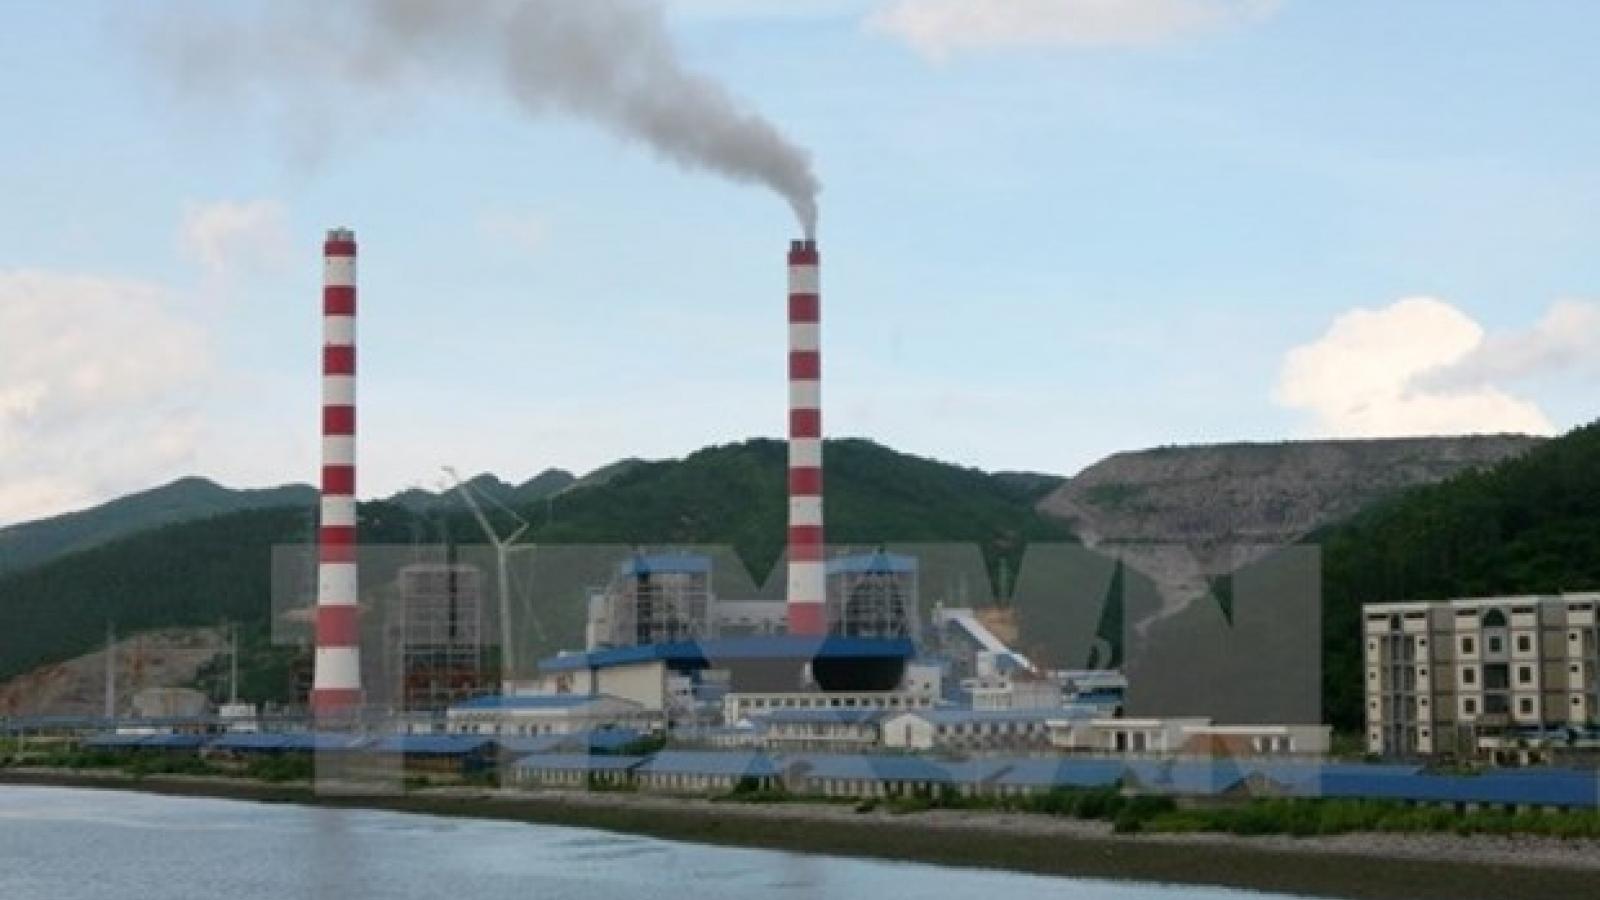 Phát triển nhiệt điện than: Đang vay mượn và chuyển rủi ro cho tương lai